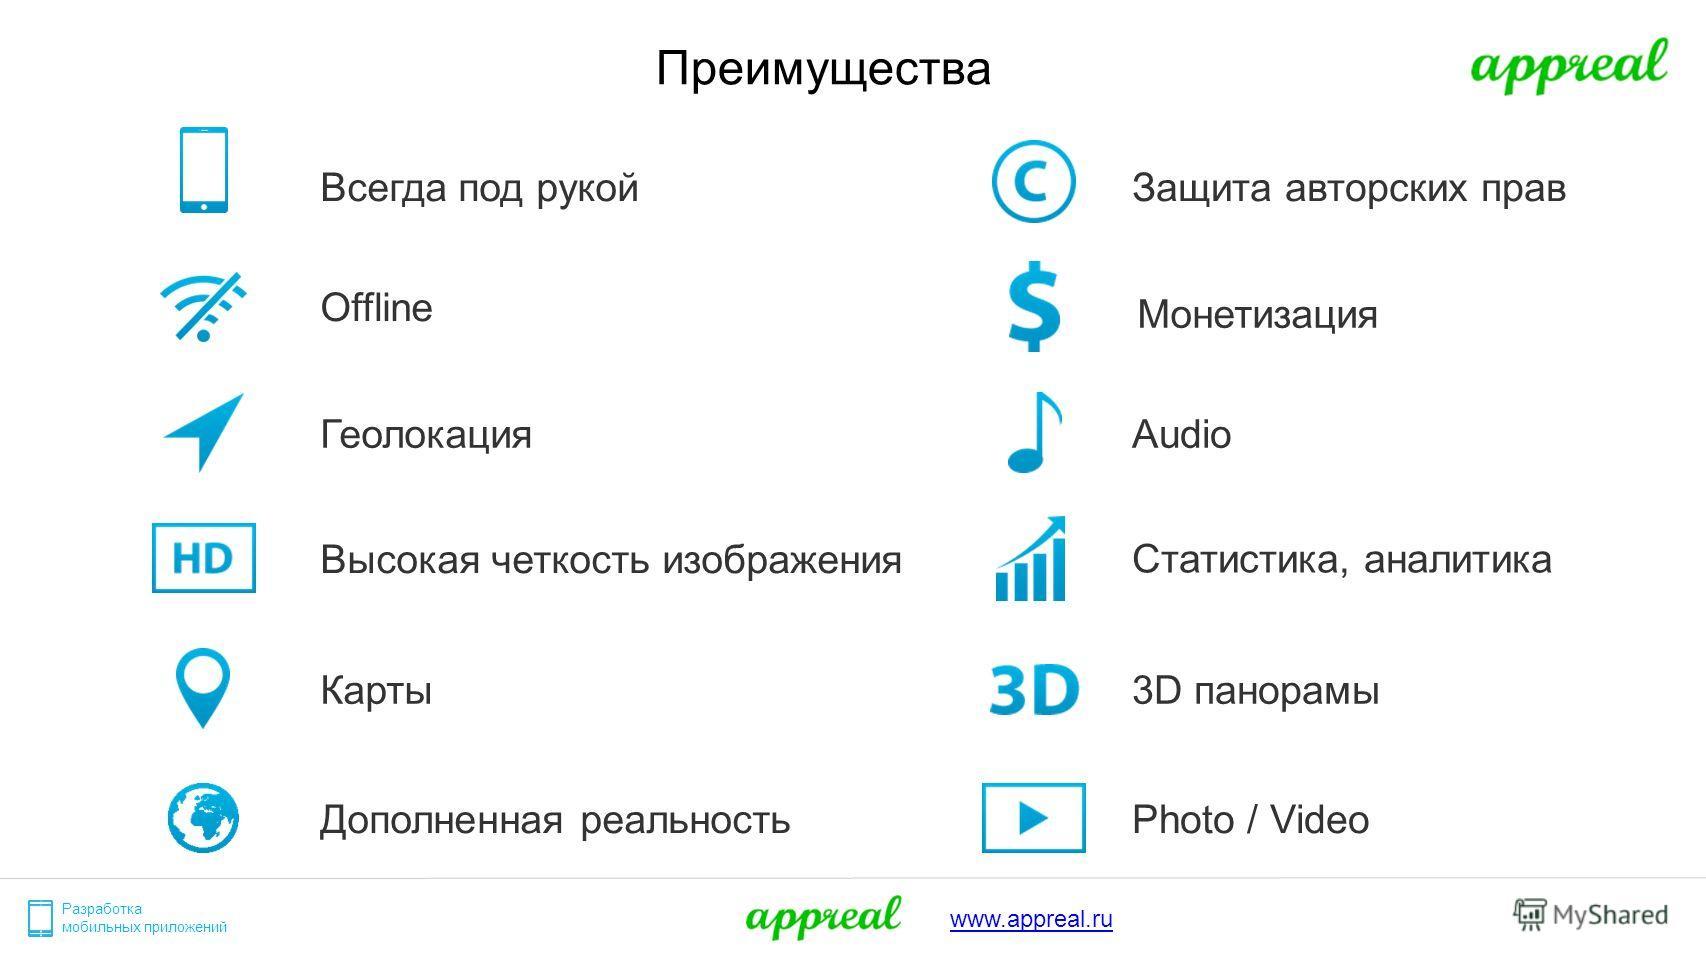 ГеолокацияAudio Offline Монетизация Всегда под рукойЗащита авторских прав Высокая четкость изображения Статистика, аналитика Карты3D панорамы Дополненная реальностьPhoto / Video Преимущества Разработка мобильных приложений www.appreal.ru